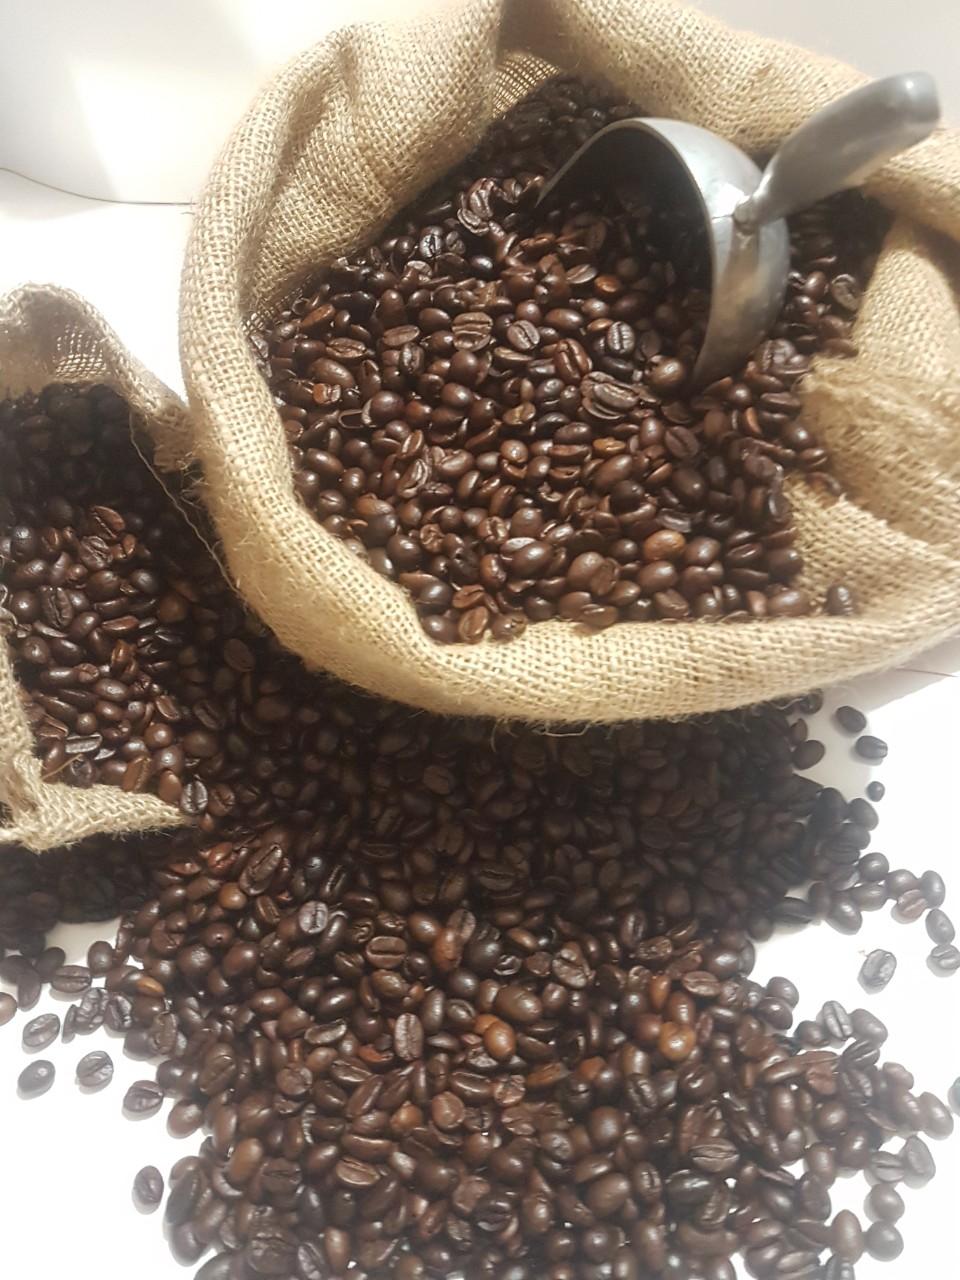 Rang cà phê là công đoạn rất quan trọng